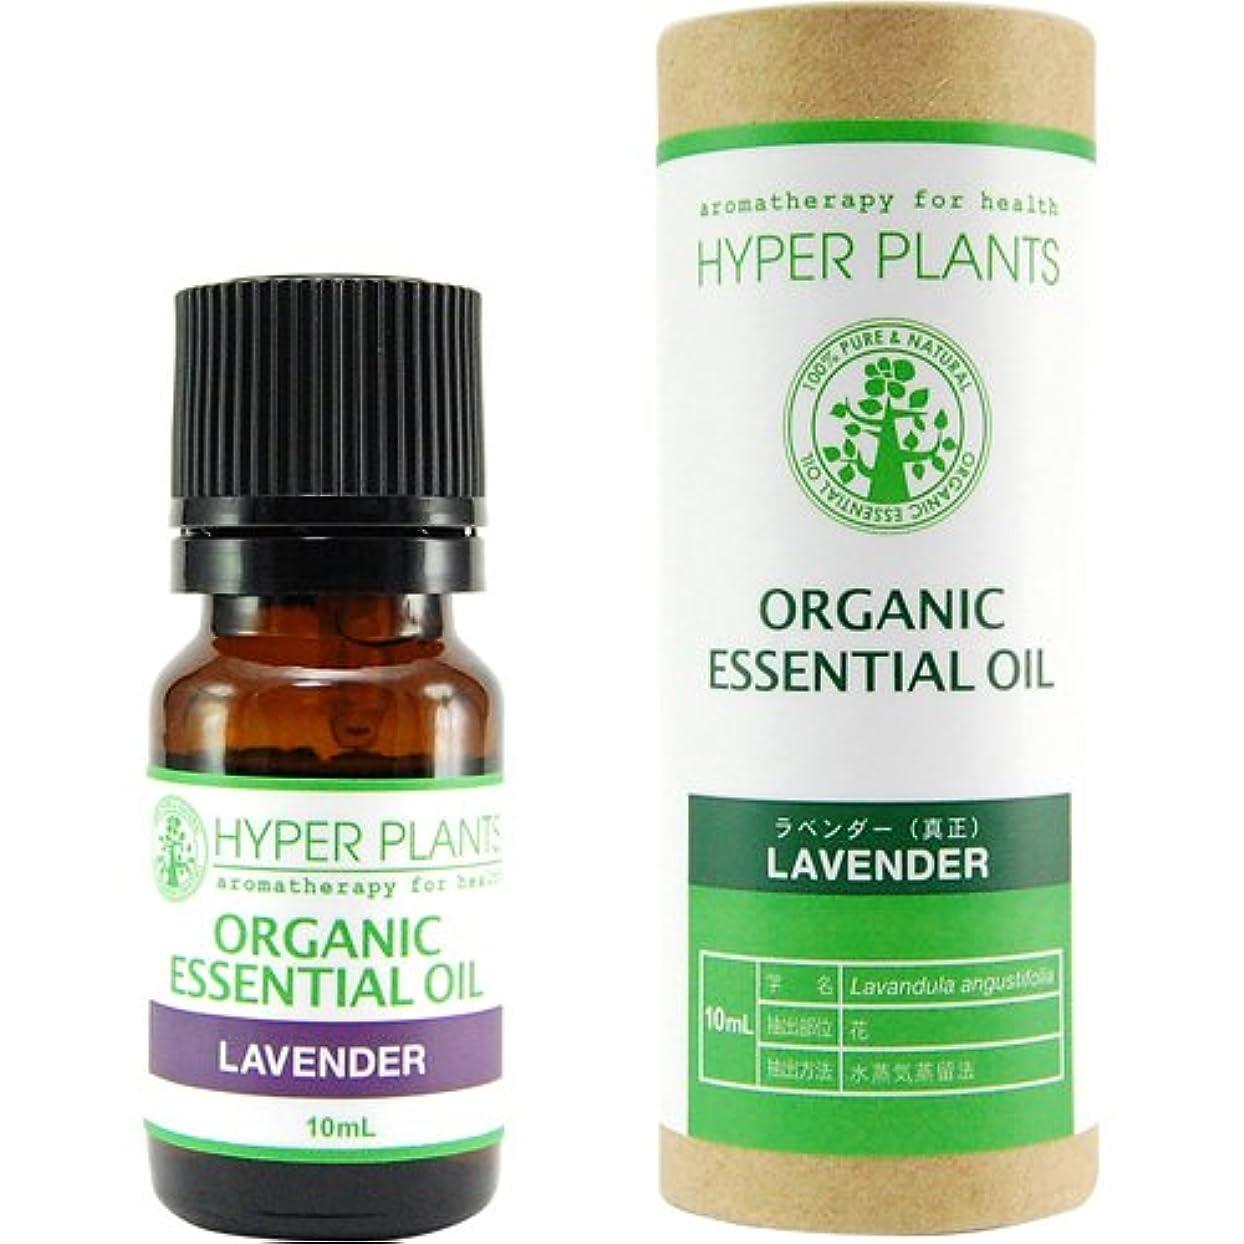 青インカ帝国高音HYPER PLANTS ハイパープランツ オーガニックエッセンシャルオイル ラベンダー(真正) 10ml HE0207